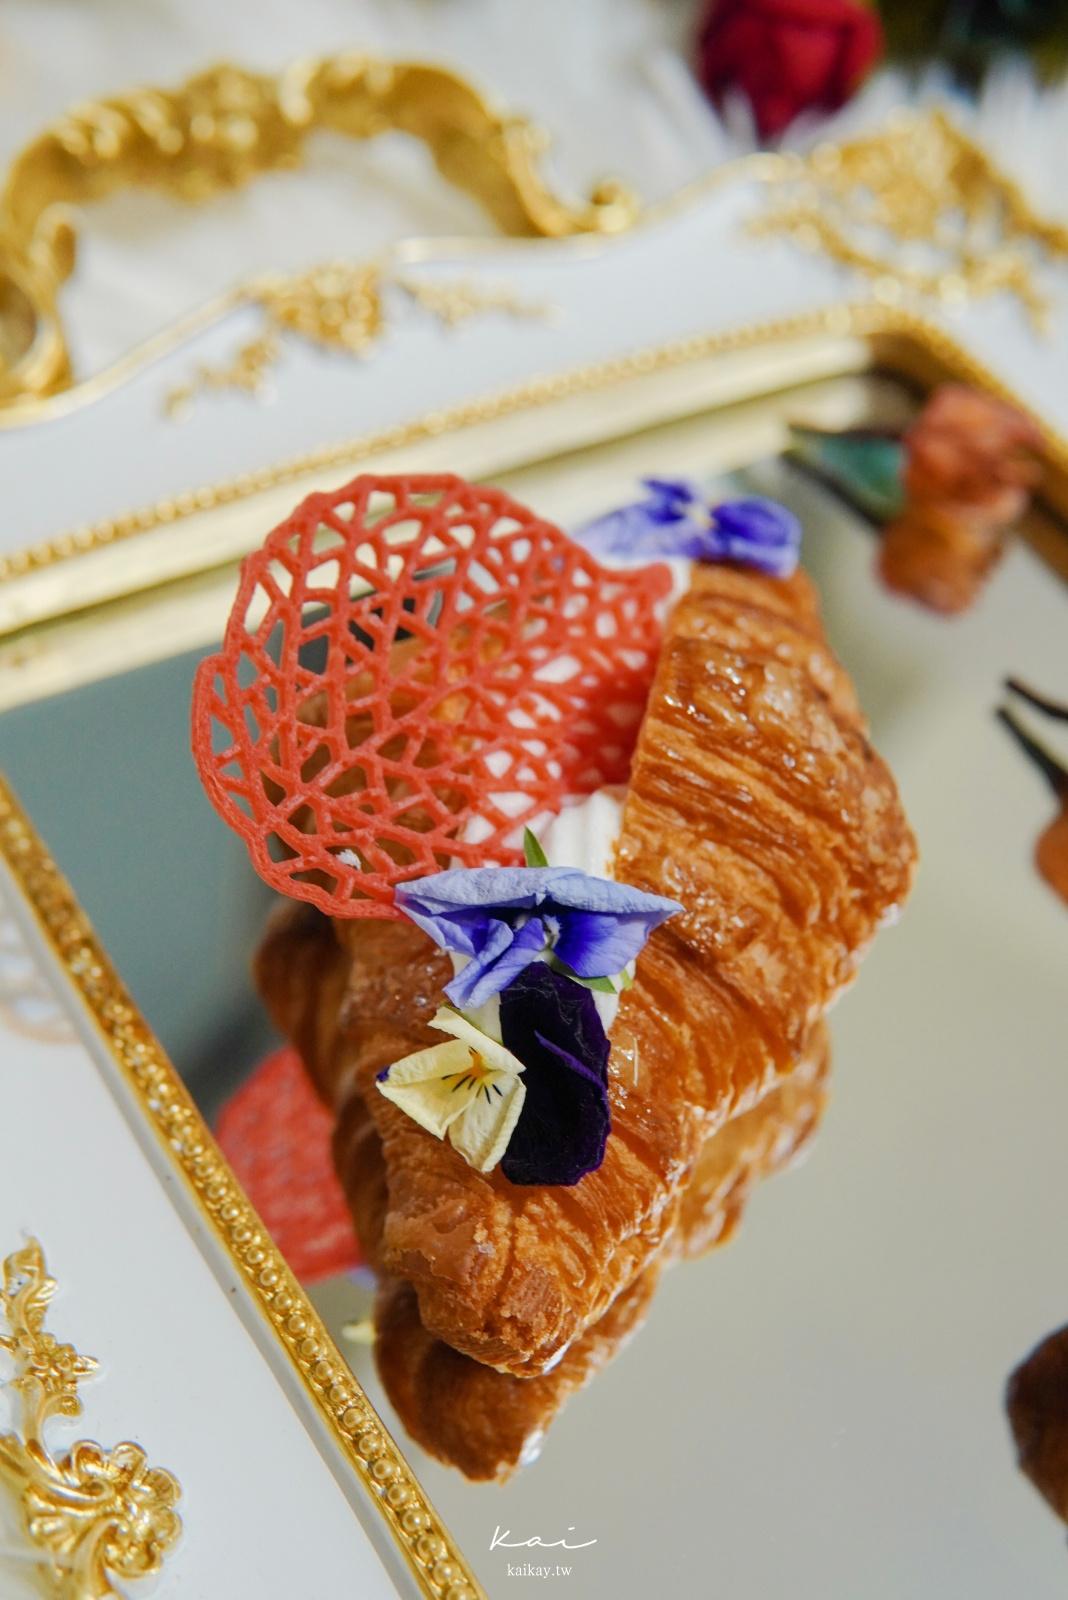 ☆【八月堂】超浮誇「花可頌」拍起來有蜷川実花FU!八月堂x日本花藝品牌Plantica聯名花可頌